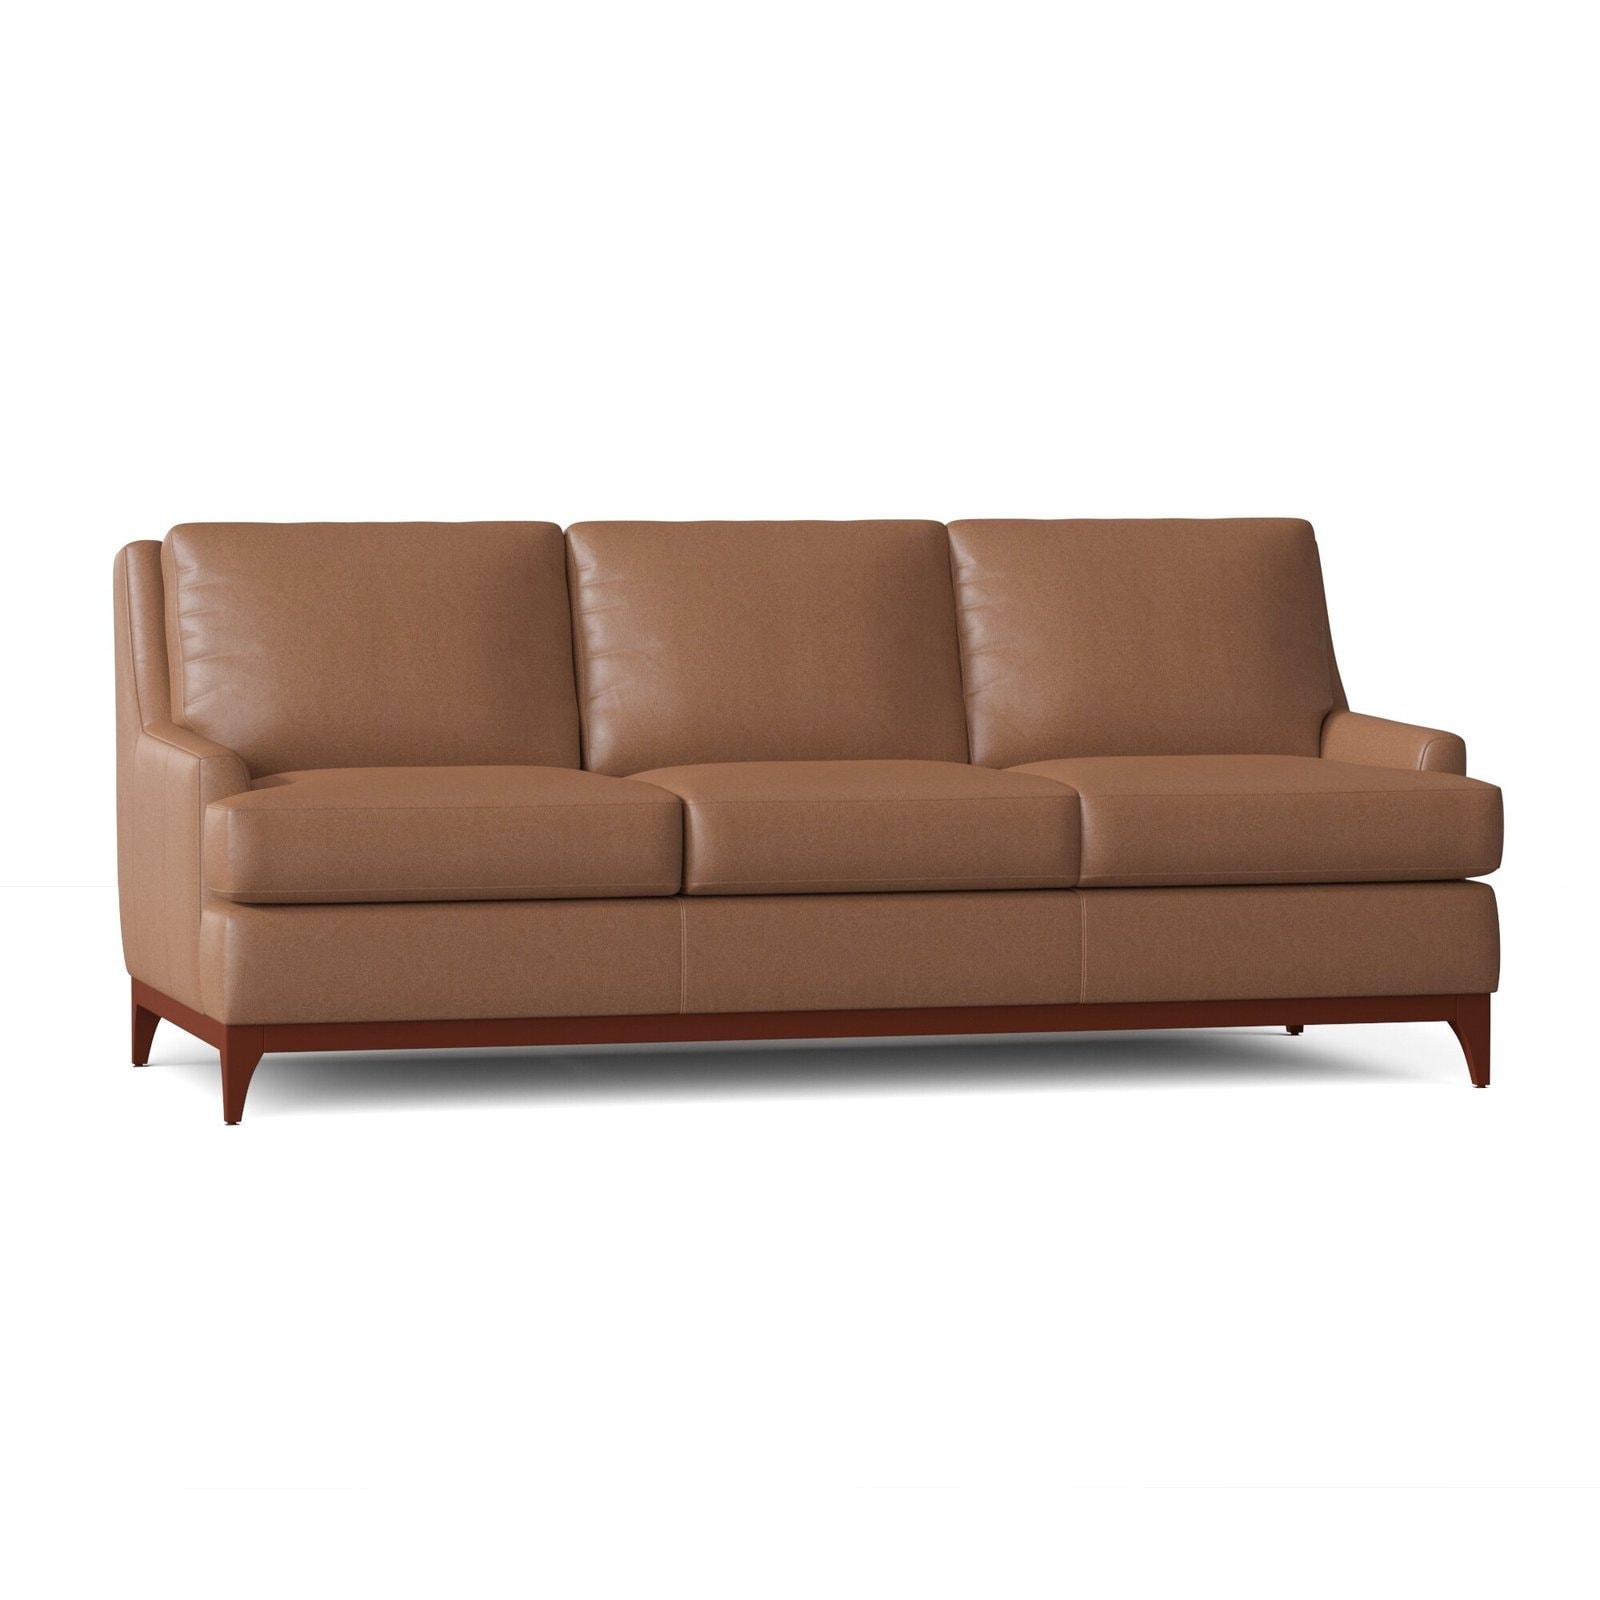 Plush Leather Sofa